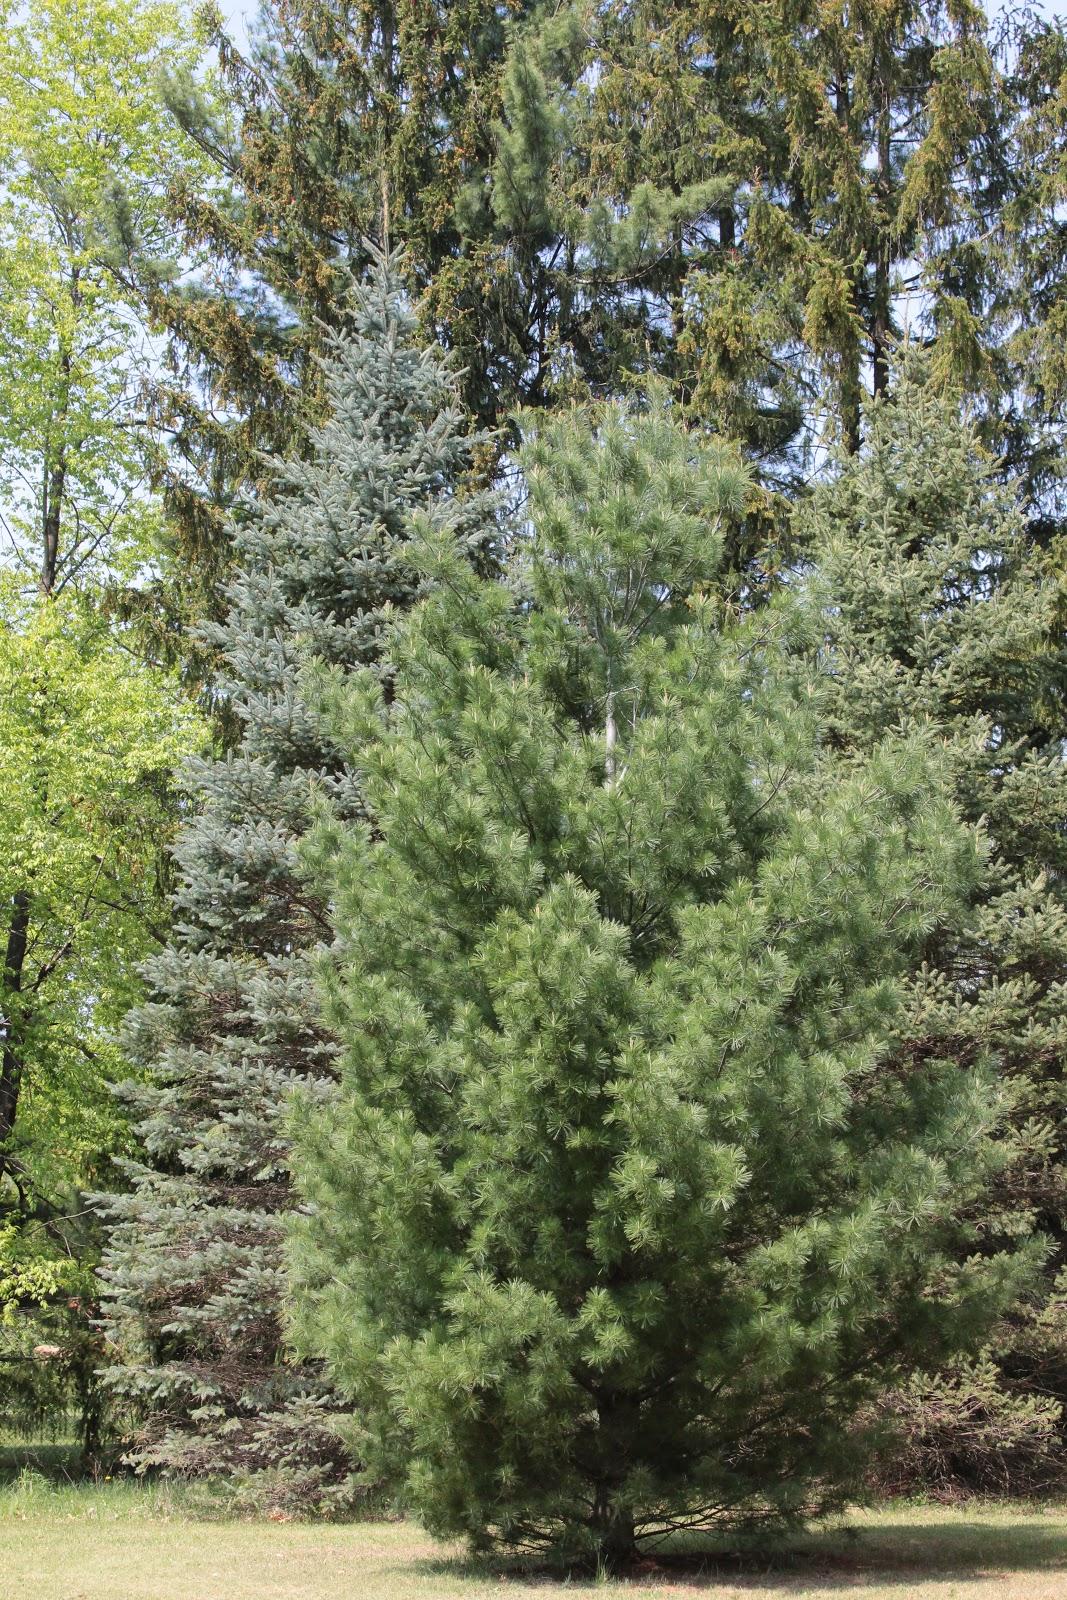 Detox Our World: Pine Tree Pollen: Friend or Foe?